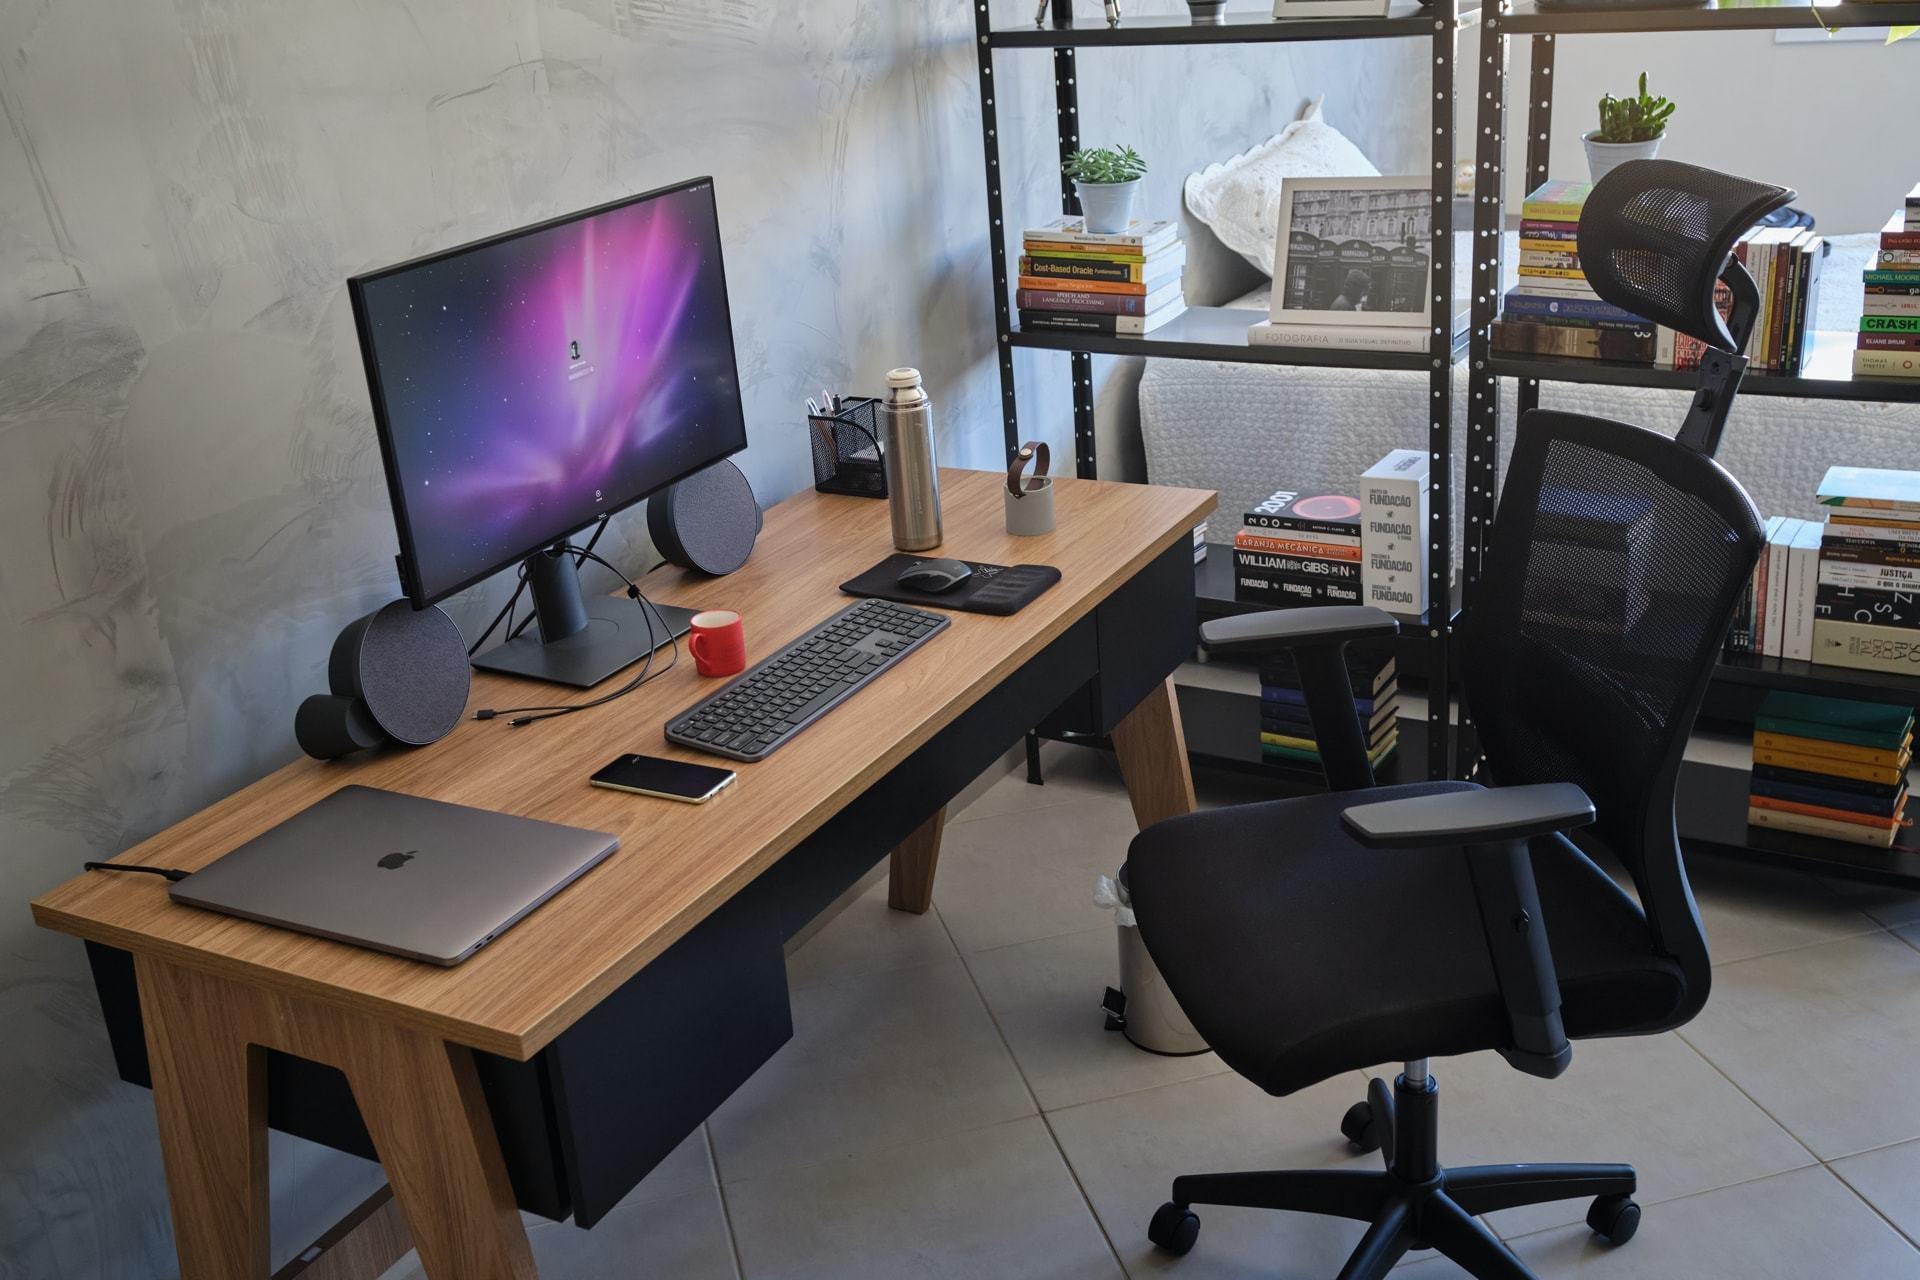 Foto de lado de uma mesa de trabalho, com notebook, monitor grande, teclado, mouse e outros objetos sobre ela. Poltrona à vista e, ao fundo, uma estante vazada.